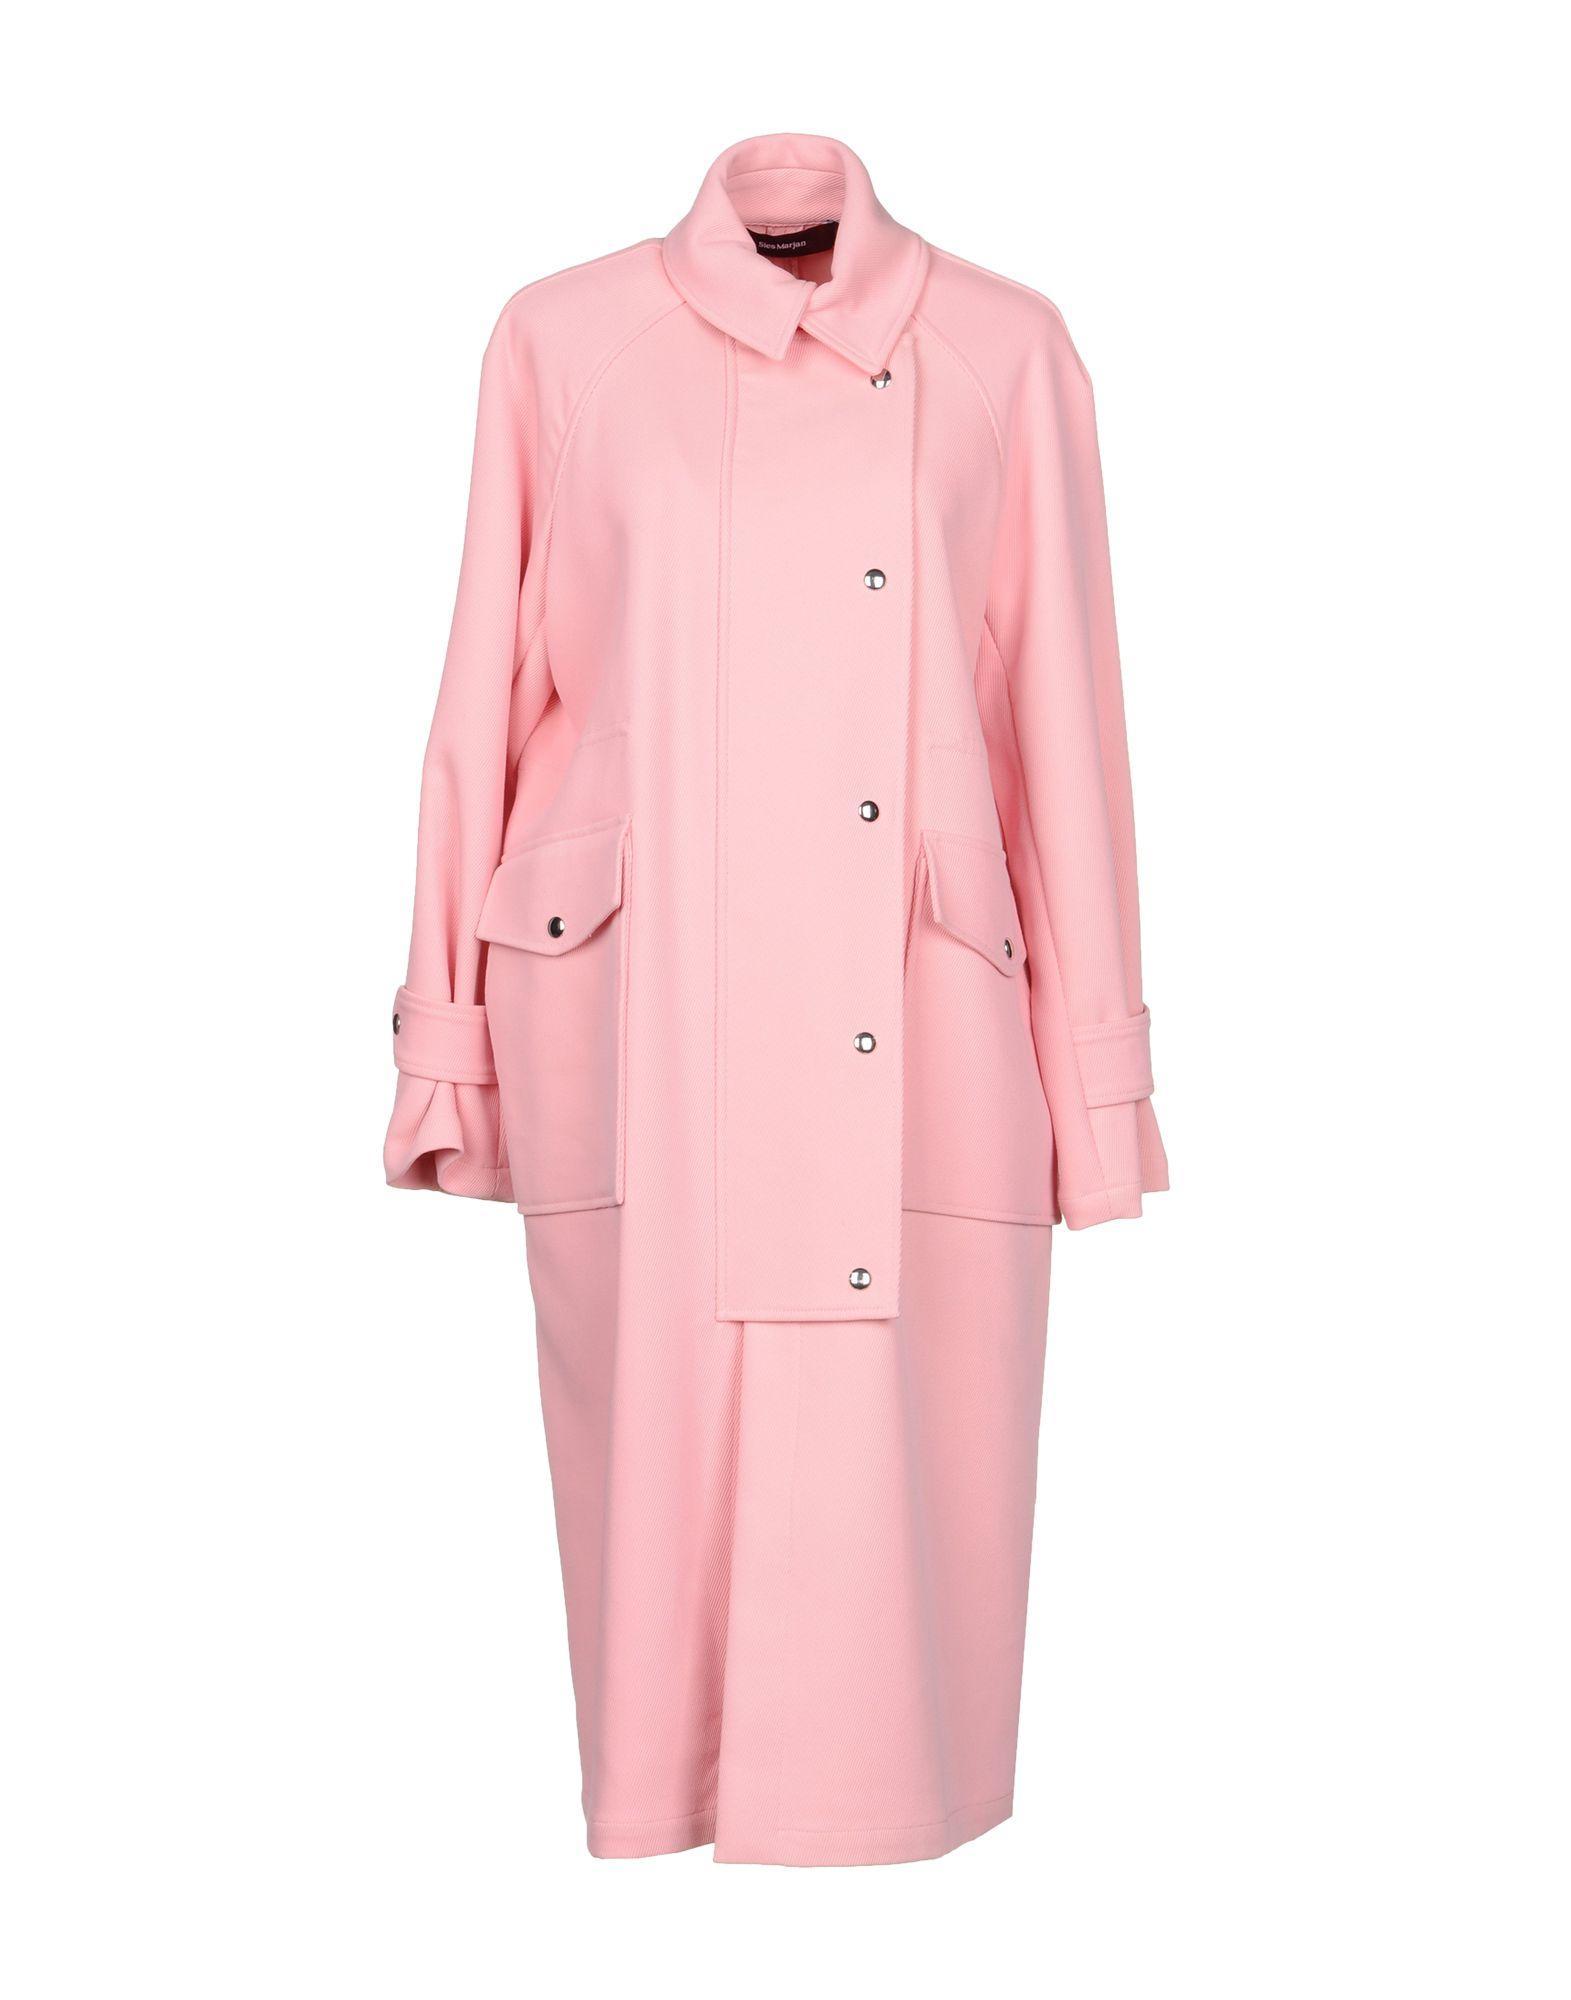 Sies Marjan Full-Length Jacket In Pink